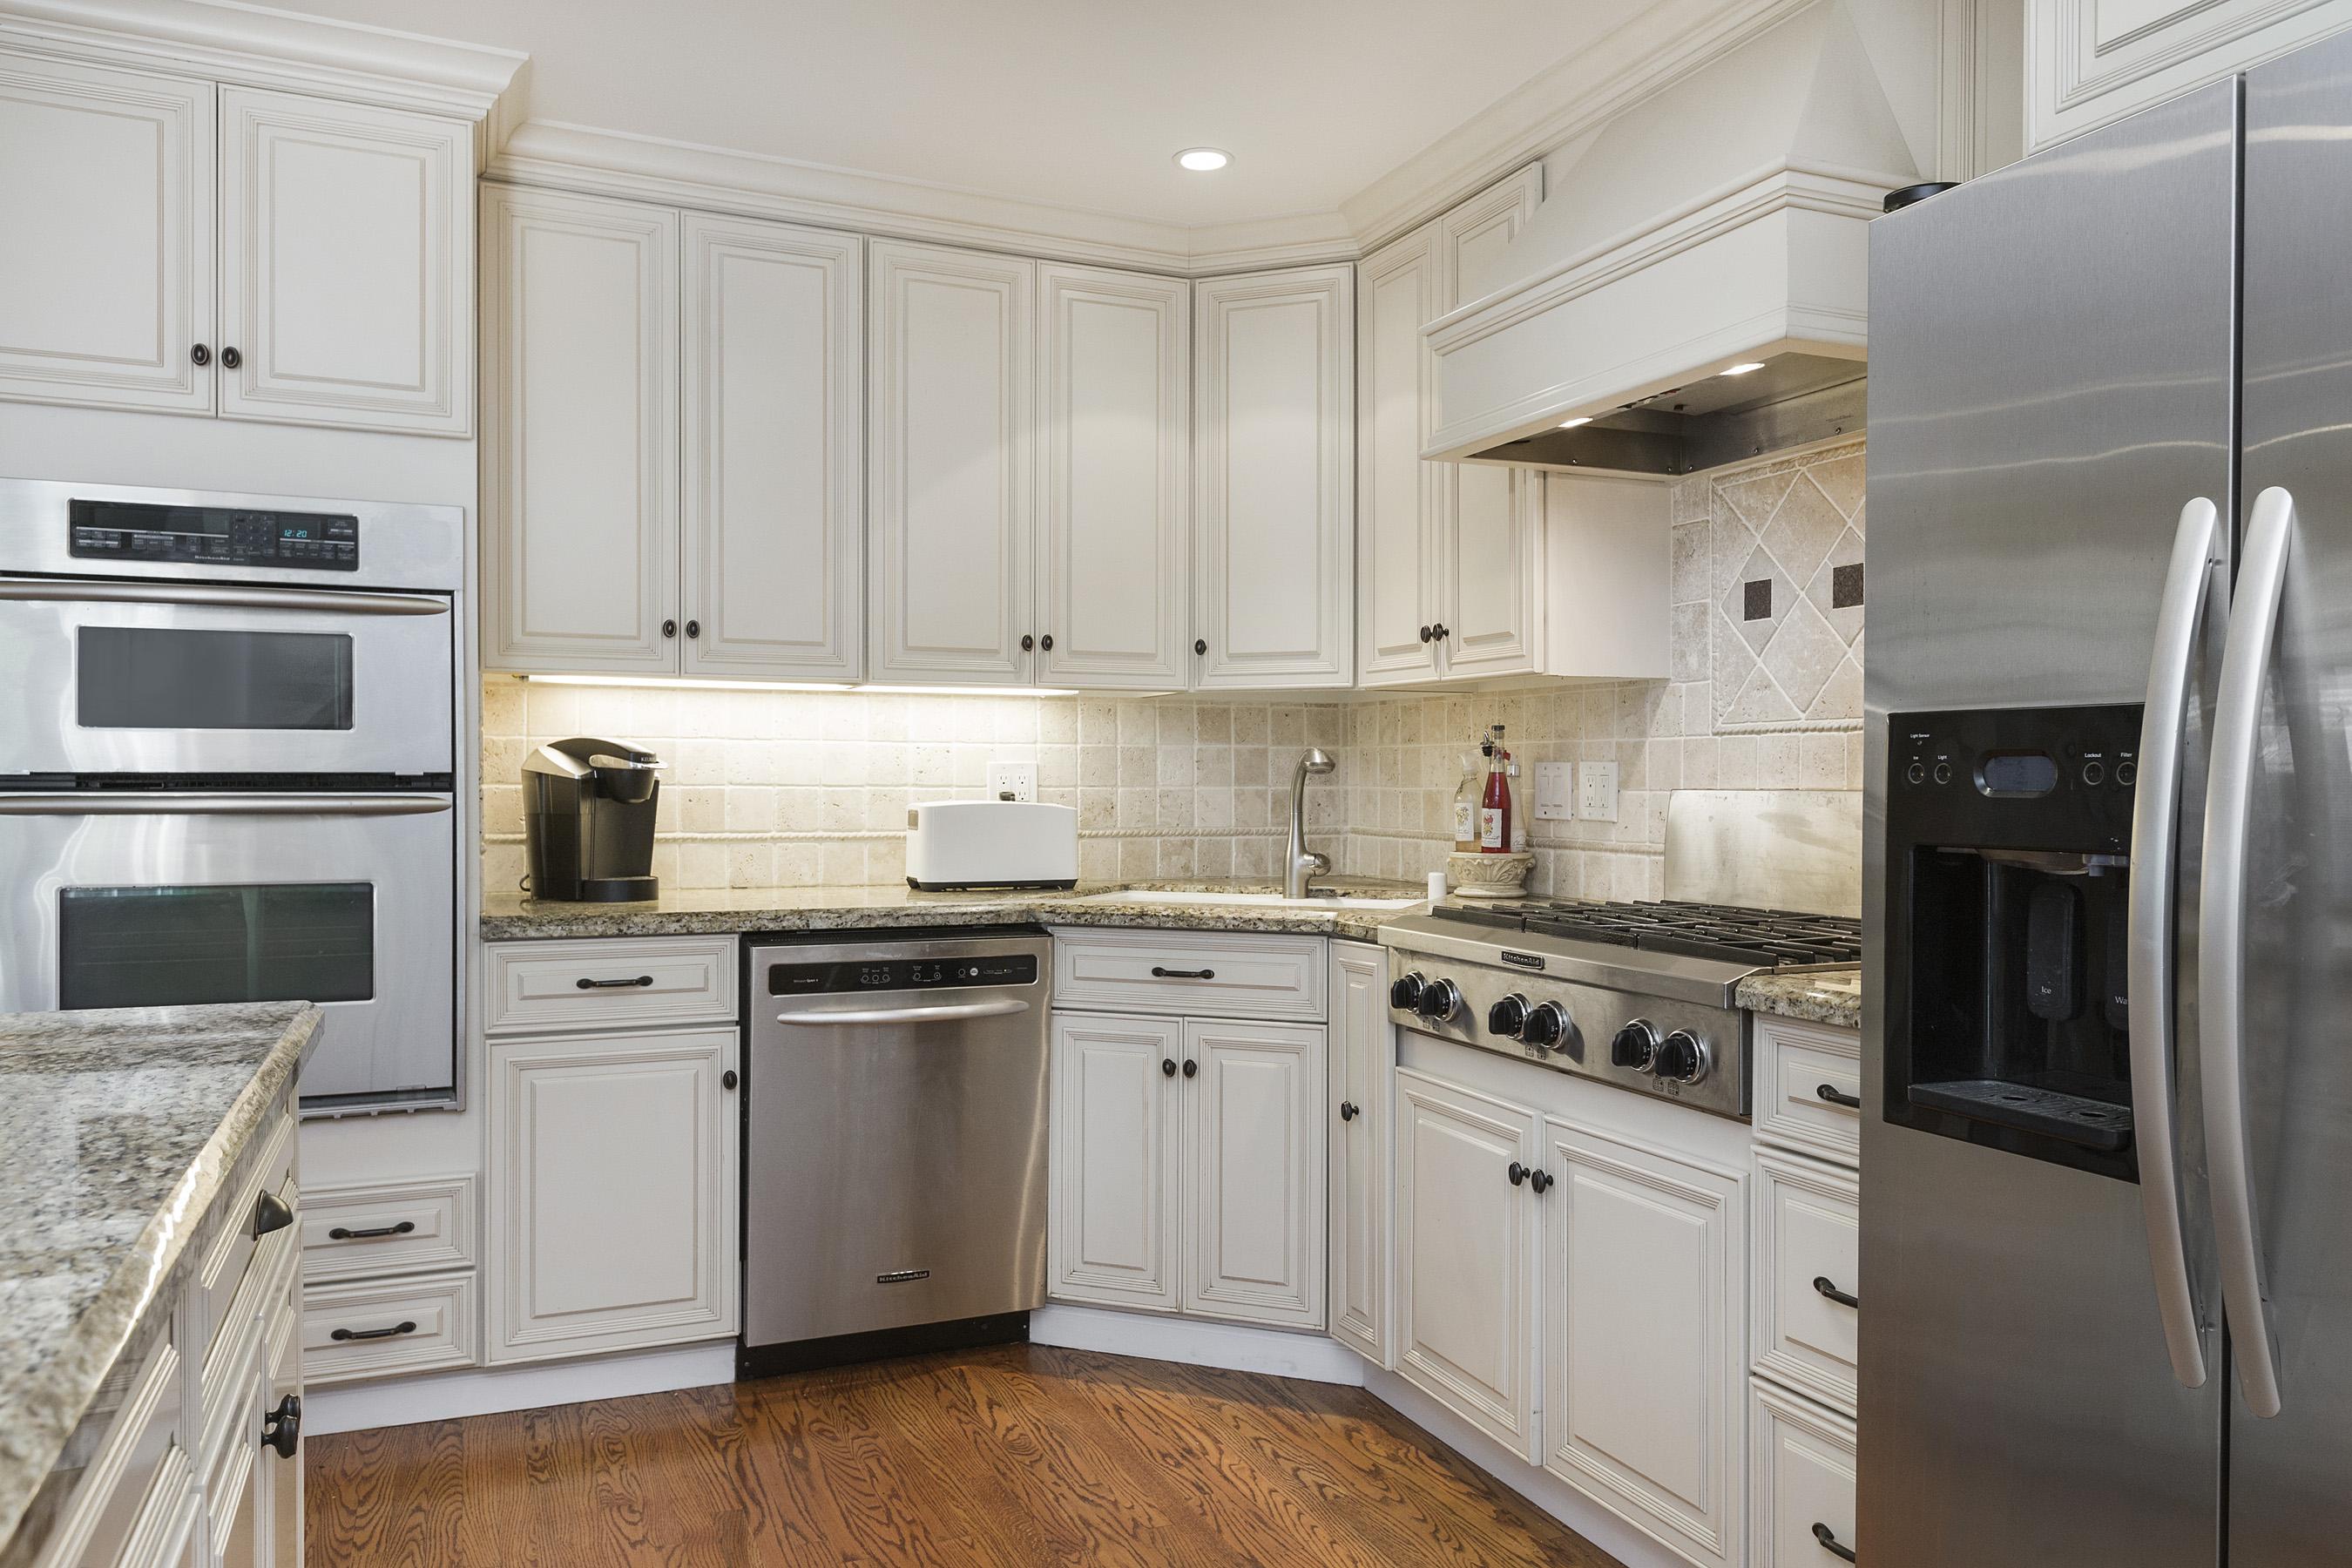 13-2704Roosevelt-kitchen-high-res